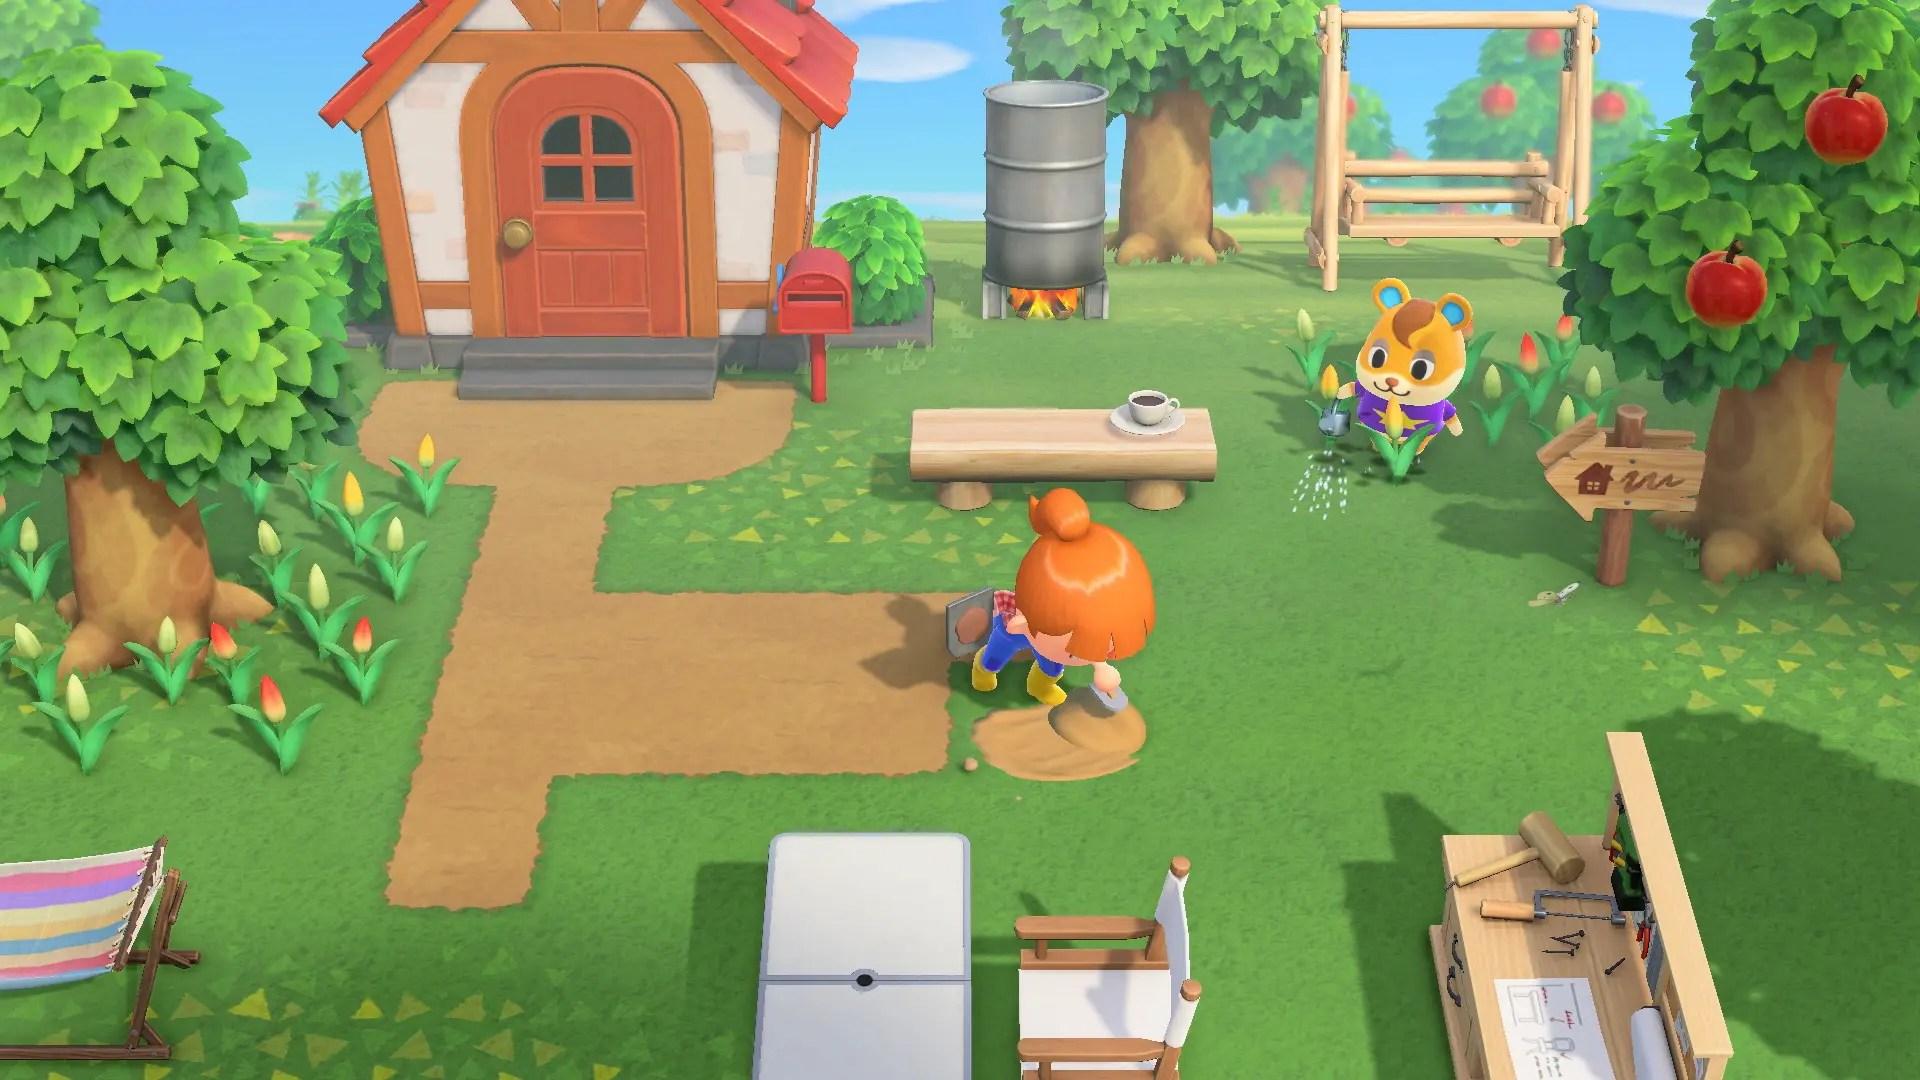 Animal Crossing: New Horizons E3 2019 Screenshot 7